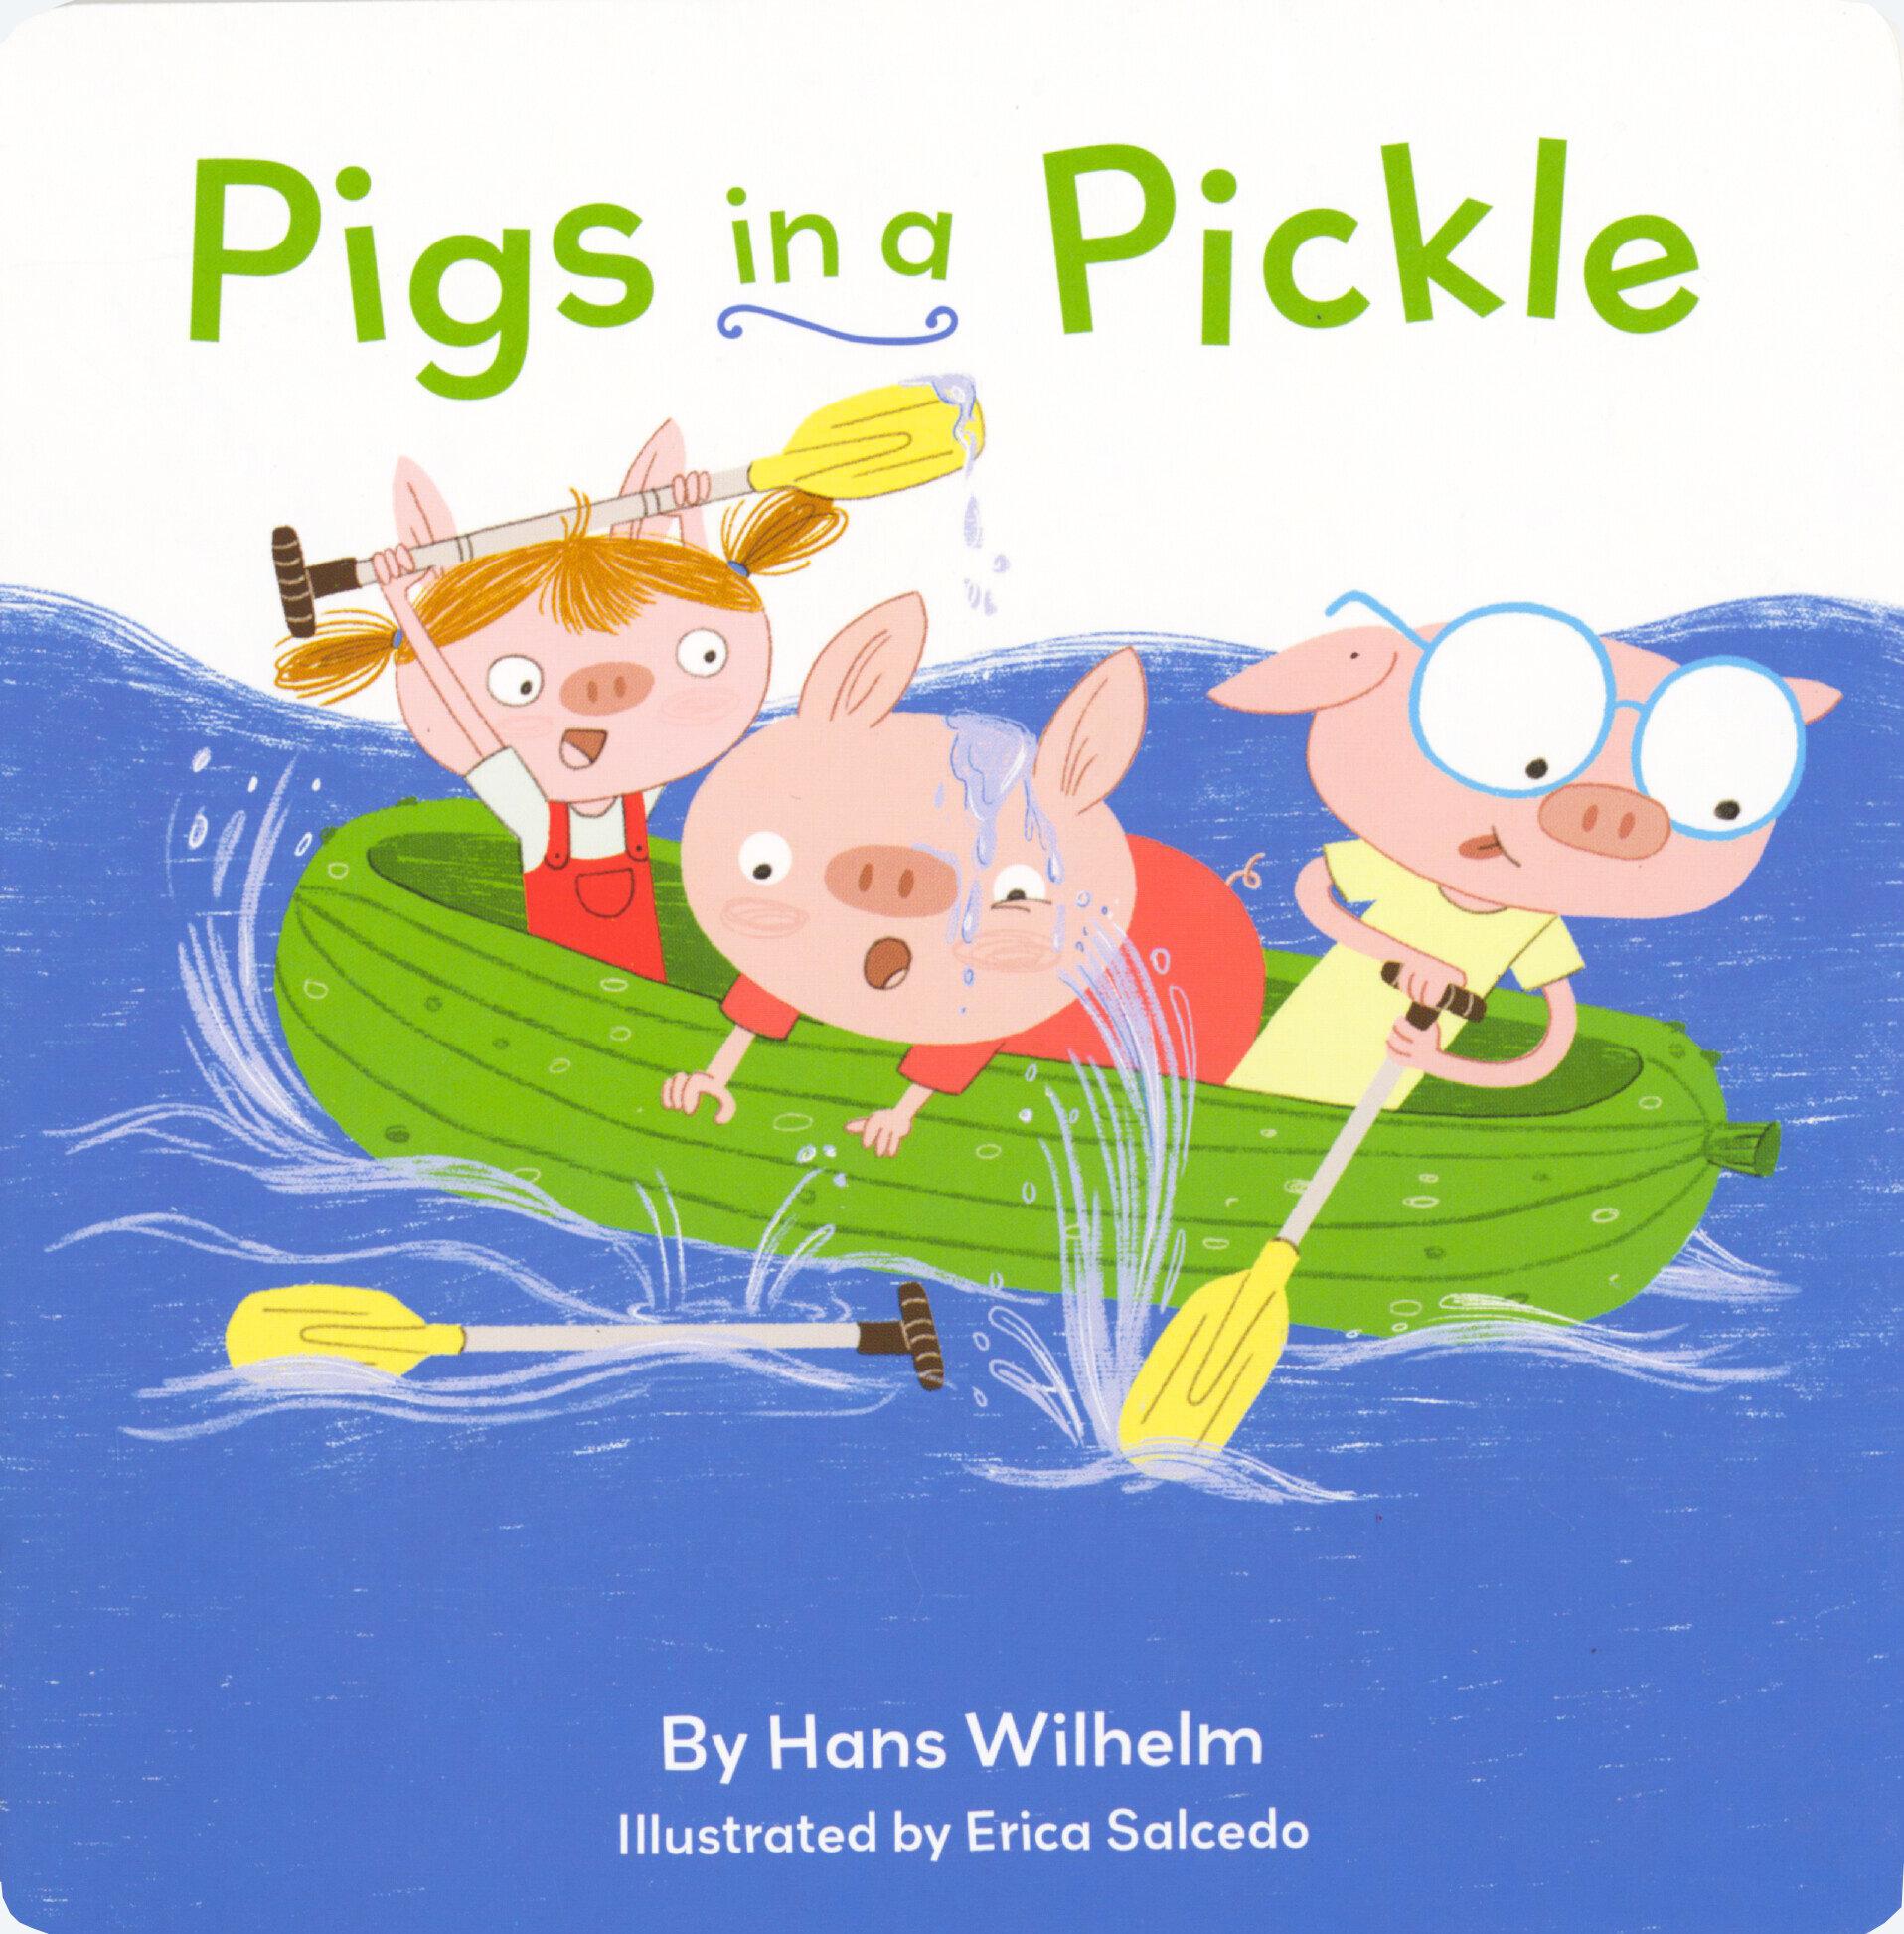 Pigs in a pickle.jpg